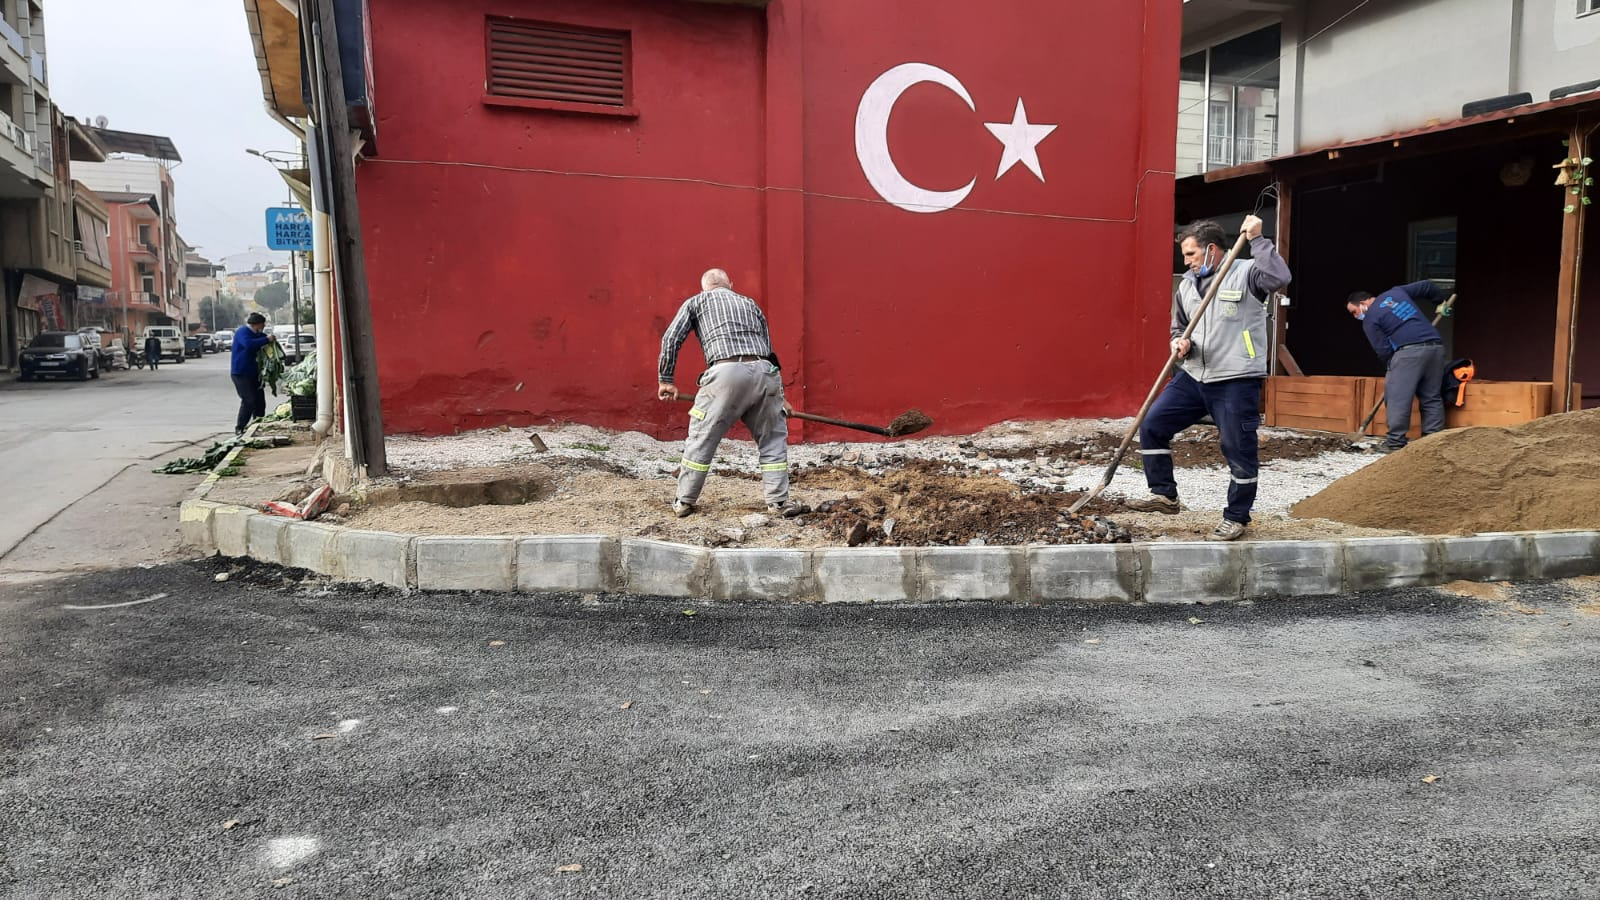 Belediye ekiplerimiz, Uluderbent Esentepe, Fatih,  Piyadeler Mahalleleri ve Şehir merkezimizdeki çalışmalarına büyük bir özveriyle devam ediyor.